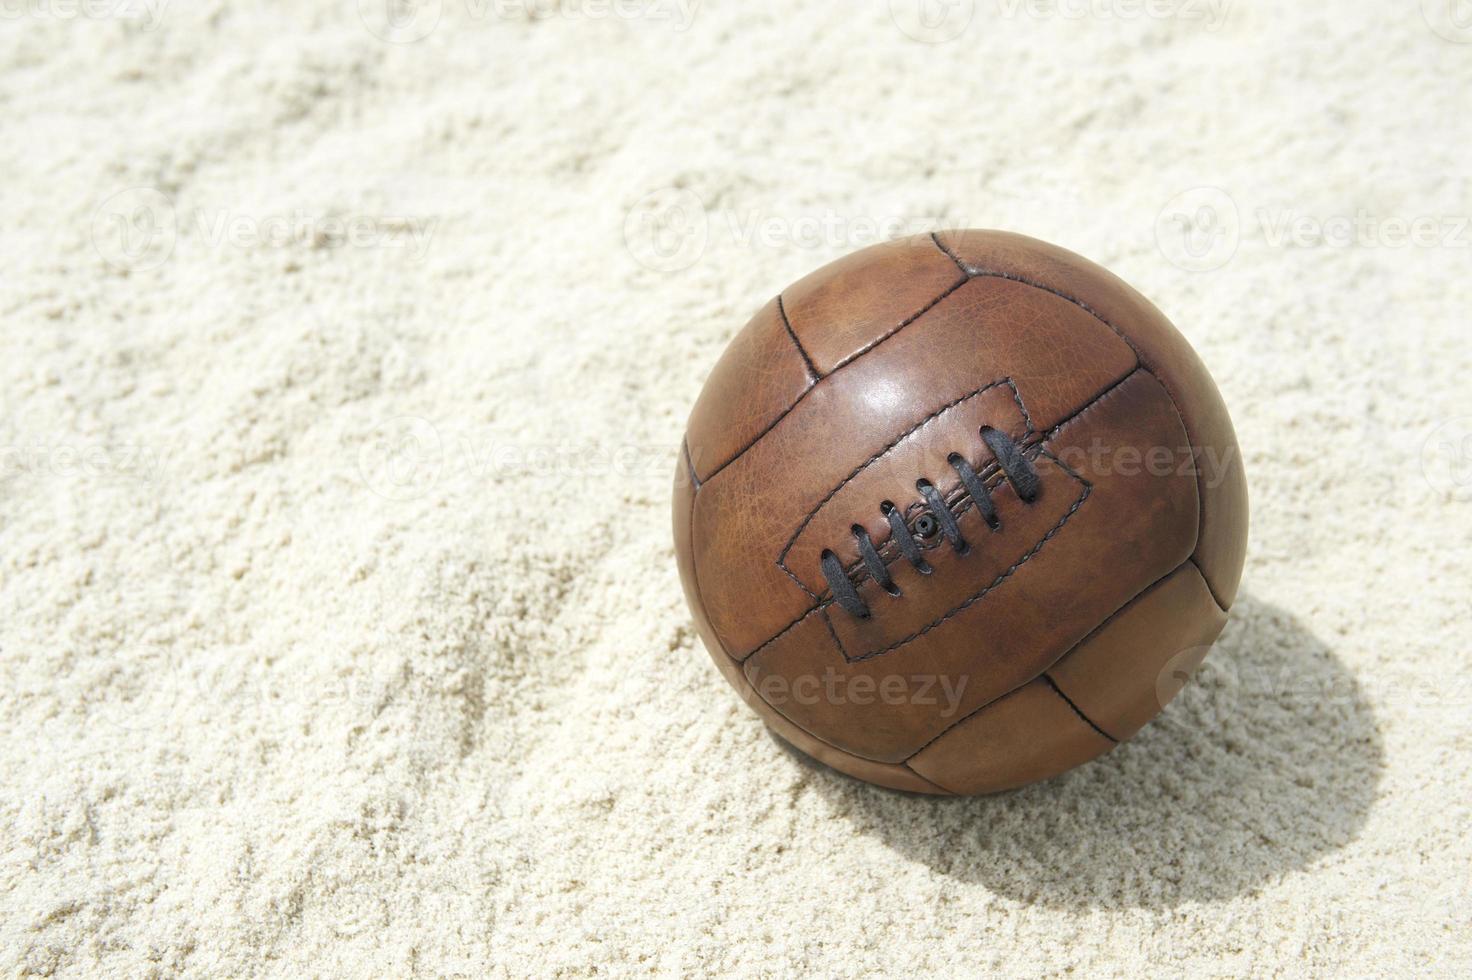 Fondo de playa de arena de pelota de fútbol de fútbol marrón vintage foto